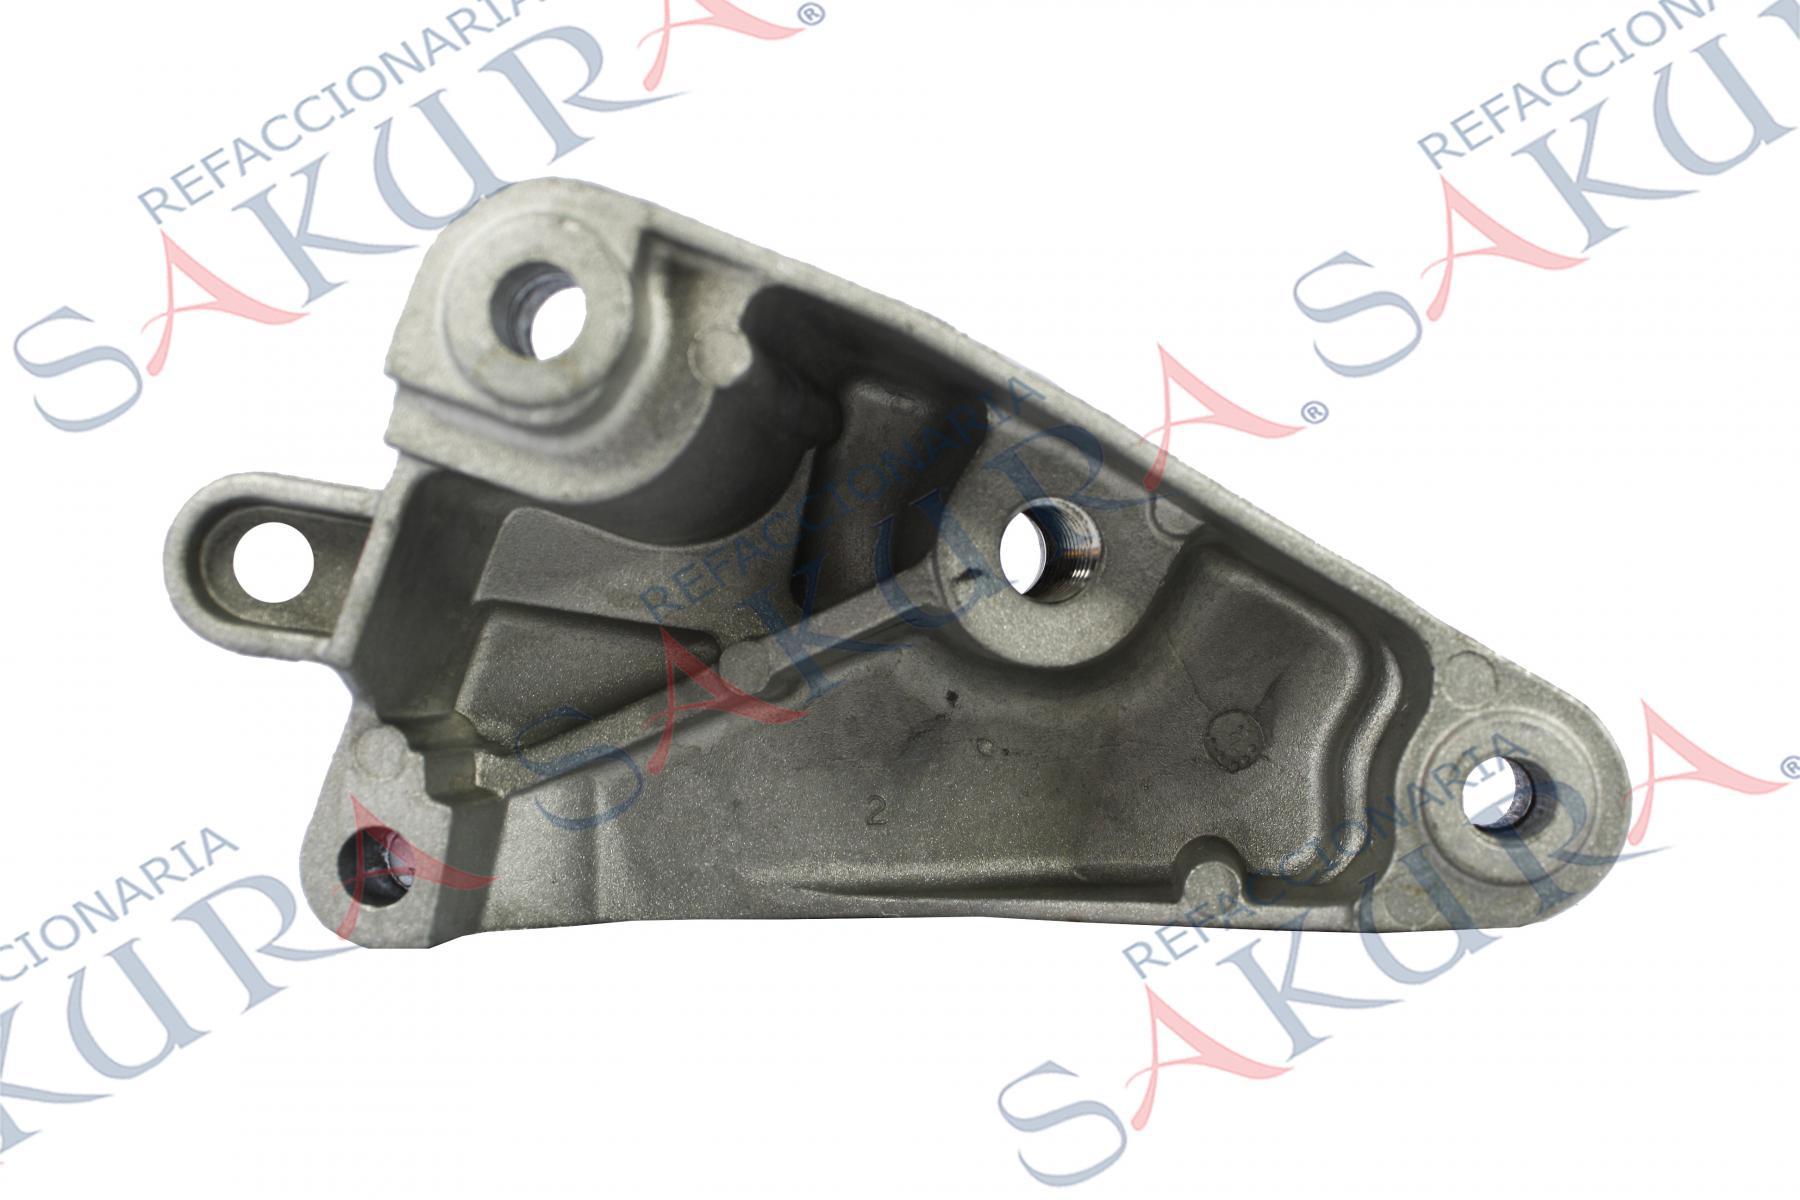 11253EL00A, Base Soporte Caja Velocidades Inferior-Izquierdo (Nissan)